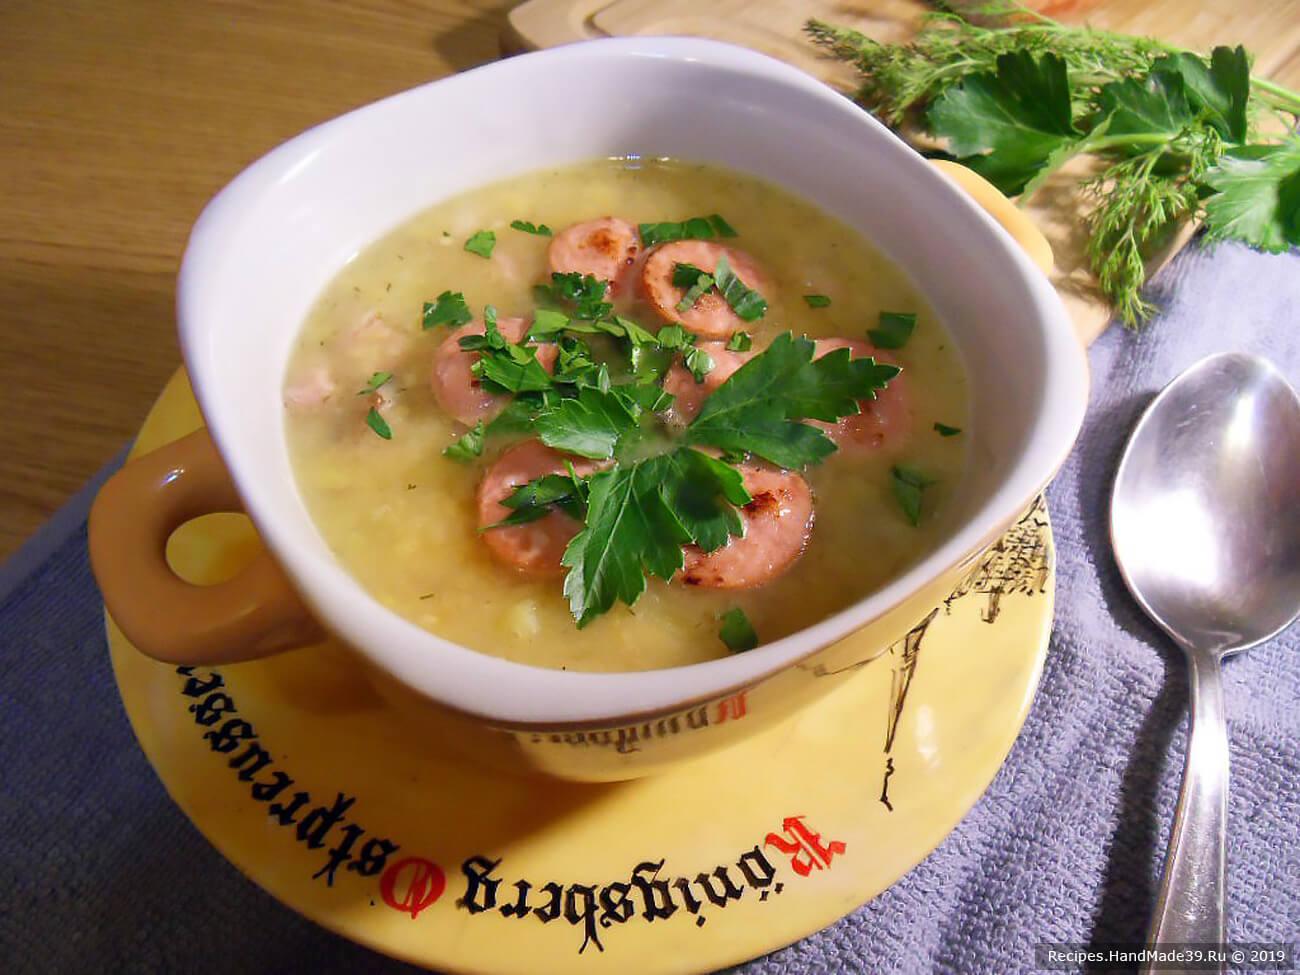 При подаче добавить в суп нарезанные кусочками обжаренные подкопченные сосиски и петрушку. Приятного аппетита!